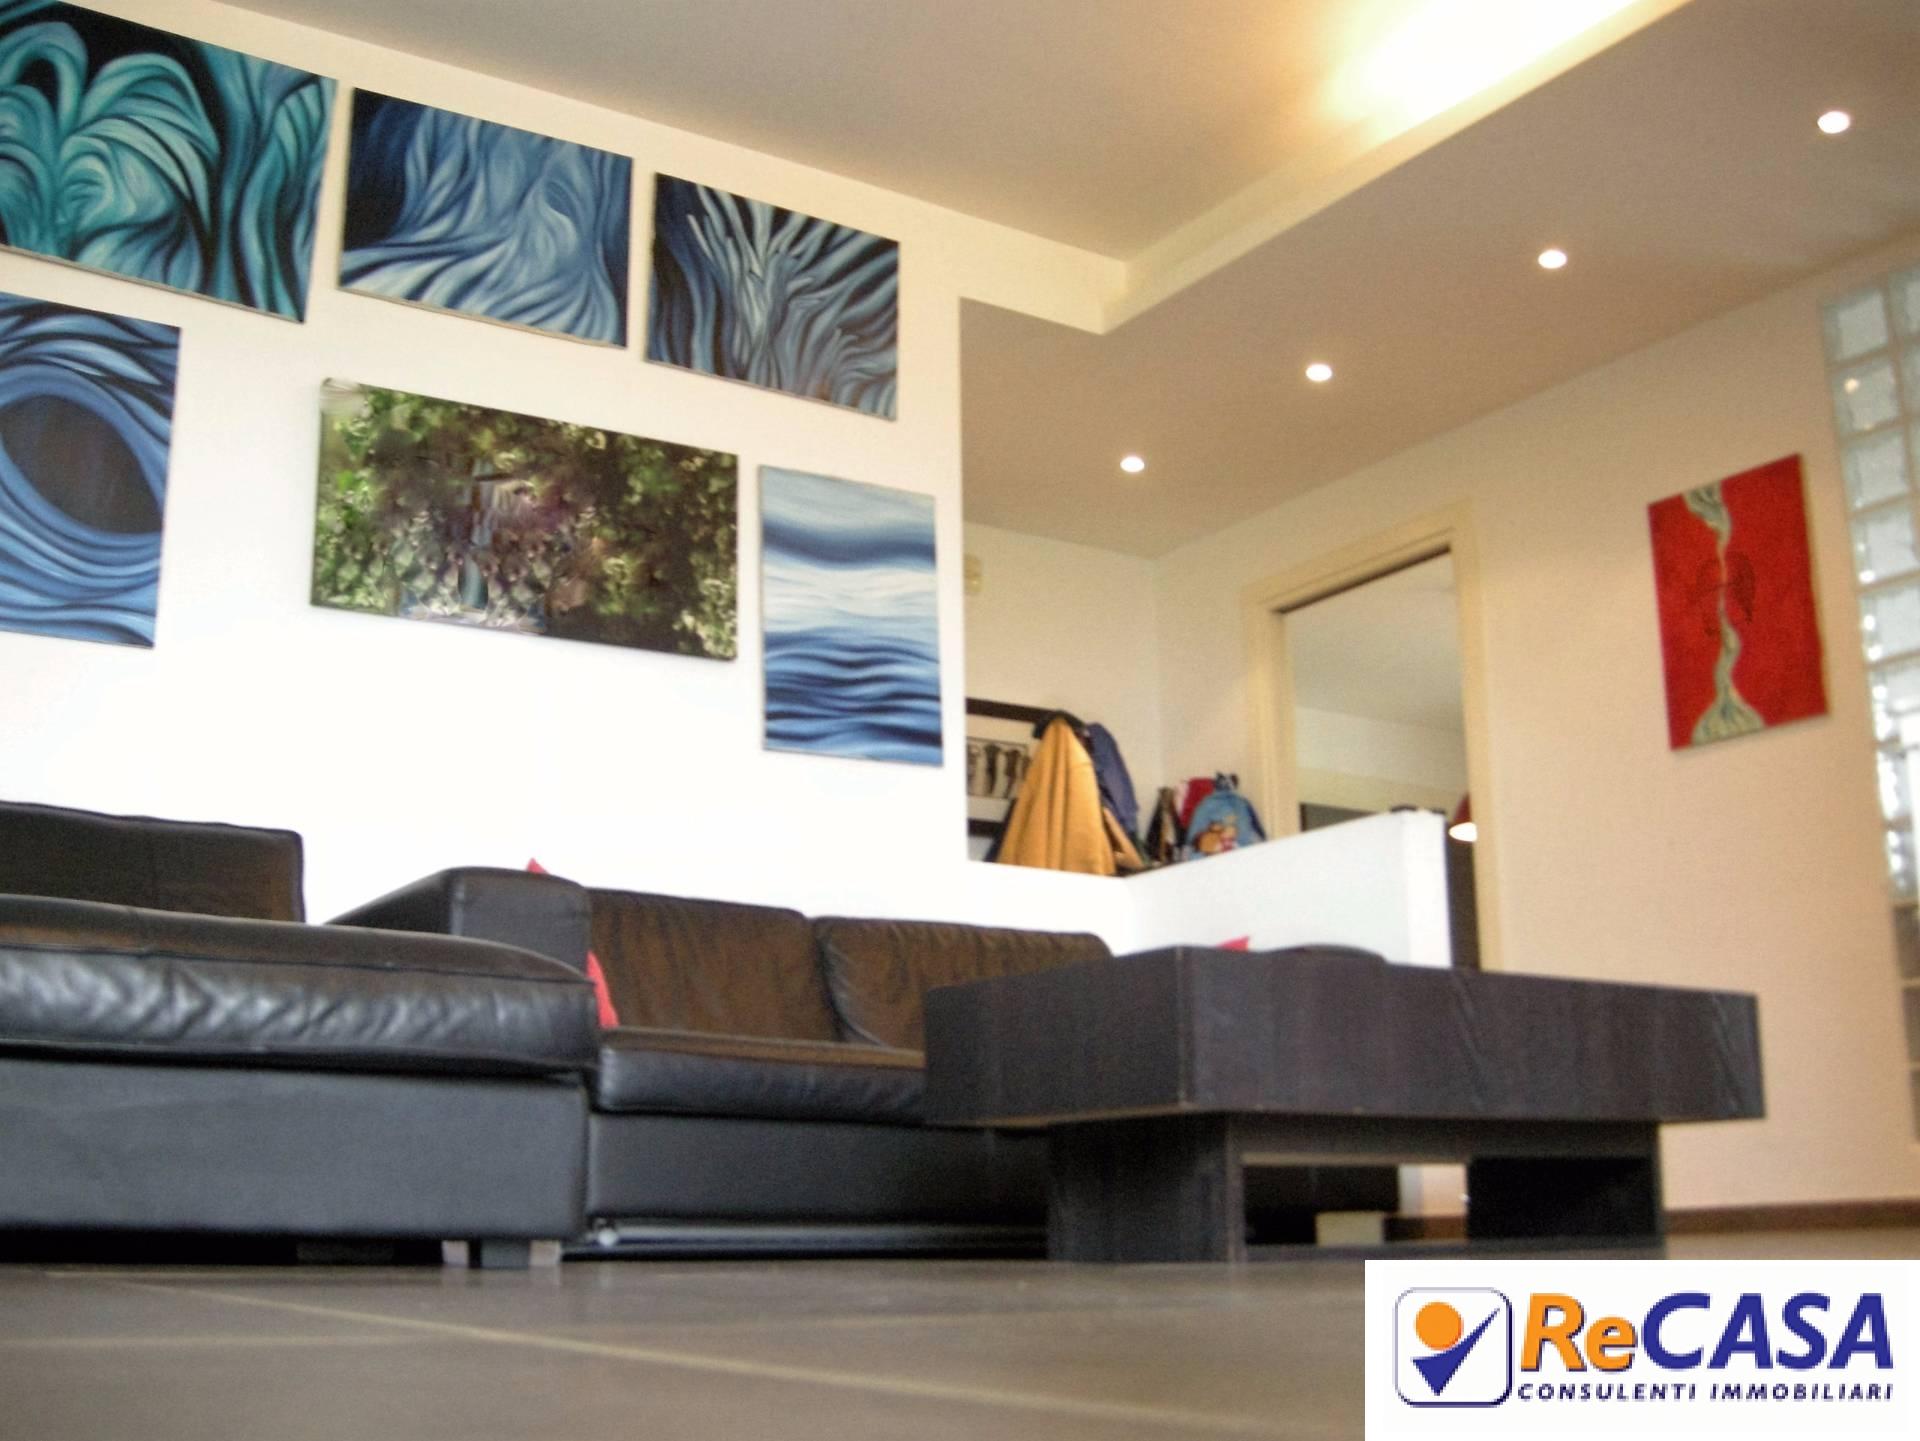 Appartamento in vendita a Bellizzi, 4 locali, zona Località: Centro, prezzo € 175.000 | Cambio Casa.it